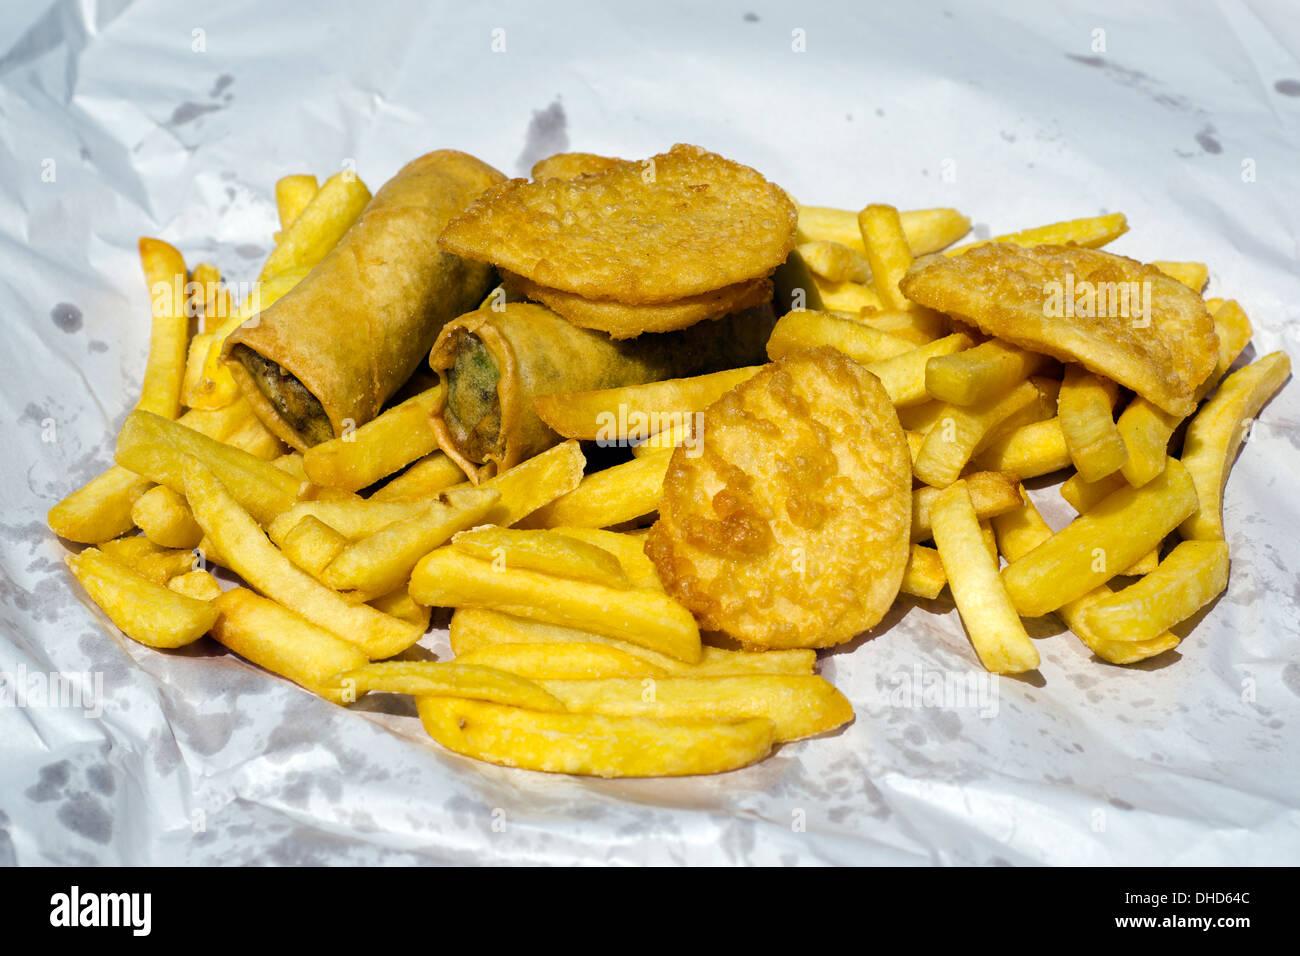 Chips di patata e le frittelle e involtini primavera fast food pasti da asporto piatto all'aperto. Immagini Stock